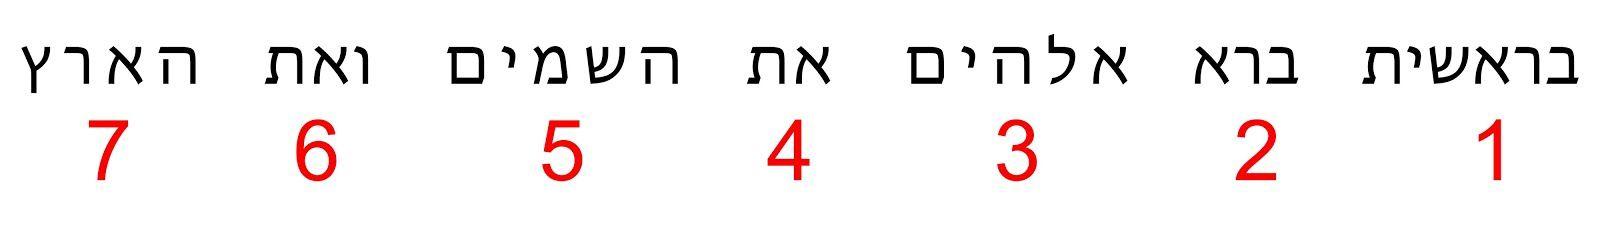 Siete palabras conforman el primer versículo de Génesis.